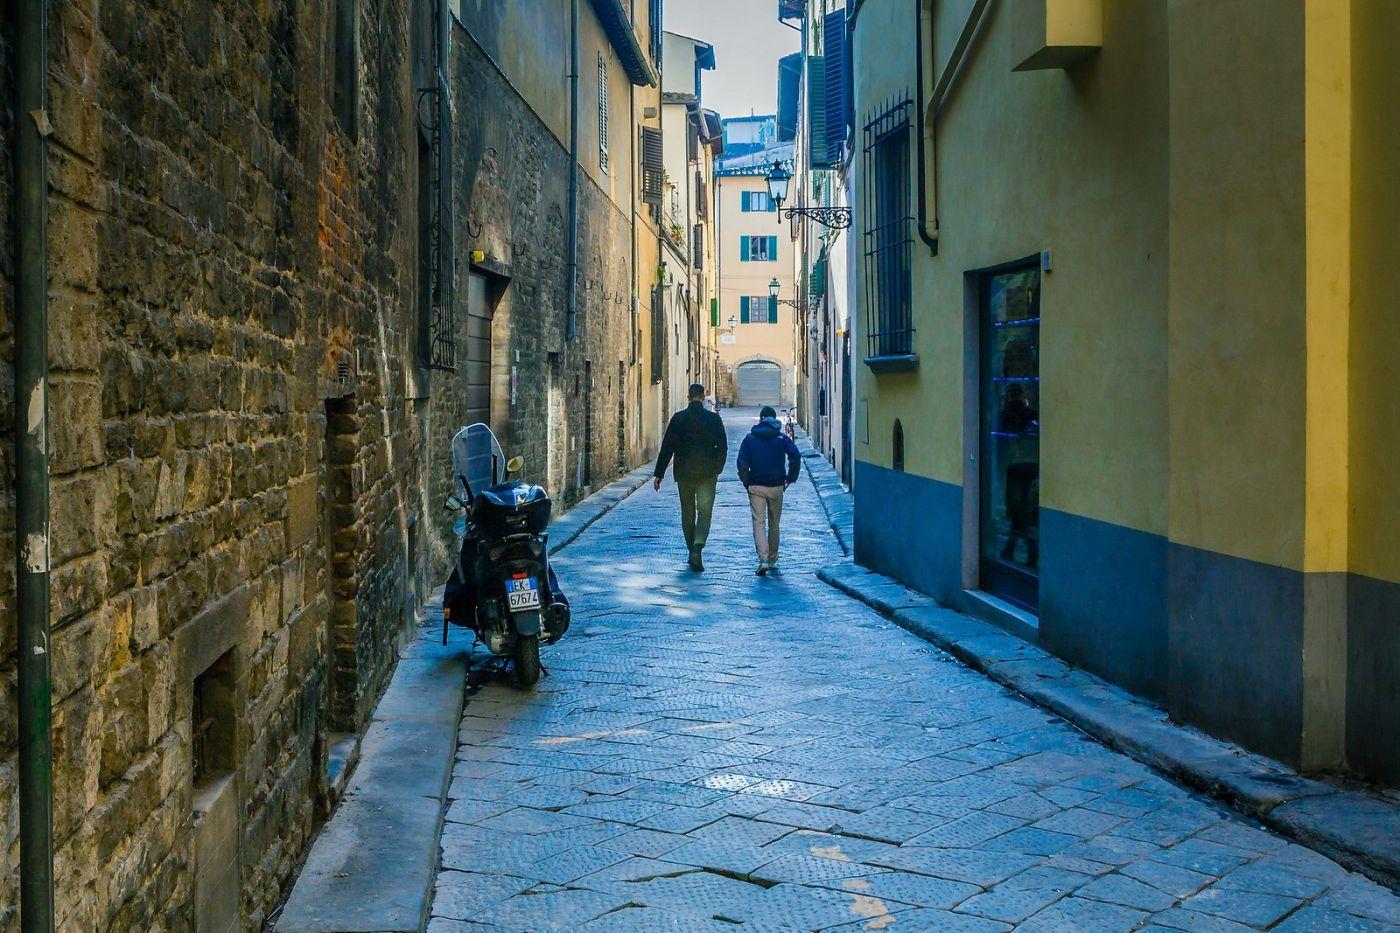 意大利佛罗伦萨(Florence),小街文化_图1-4